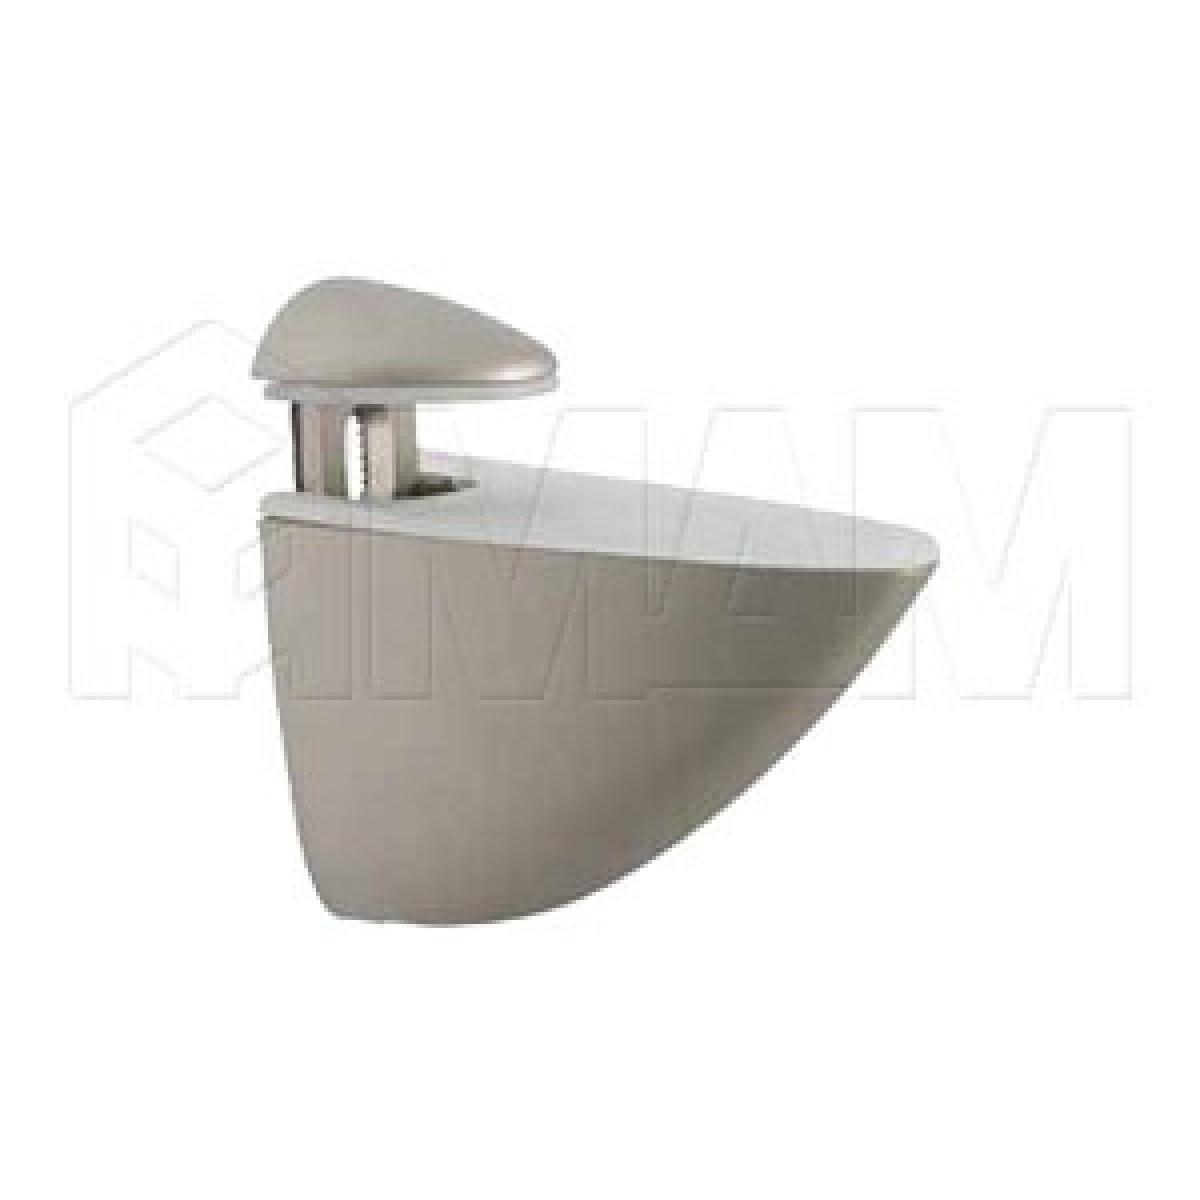 ПЕЛИКАН Менсолодержатель для деревянных и стеклянных полок 4 - 40 мм, никель матовый